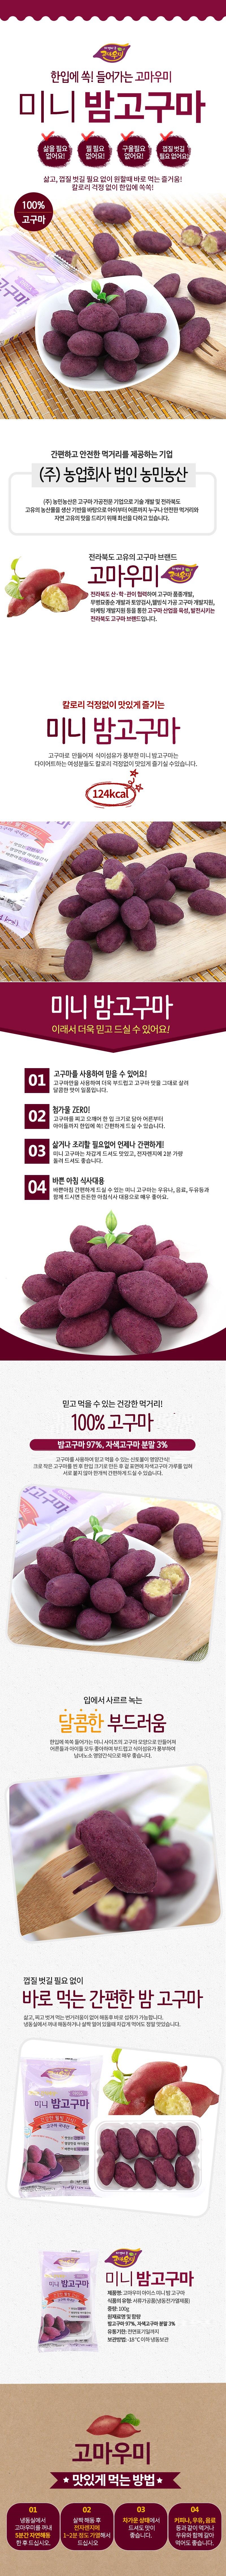 진짜 고구마로 만든 미니밤고구마 - 고마우미, 1,490원, 샐러드, 고구마 샐러드